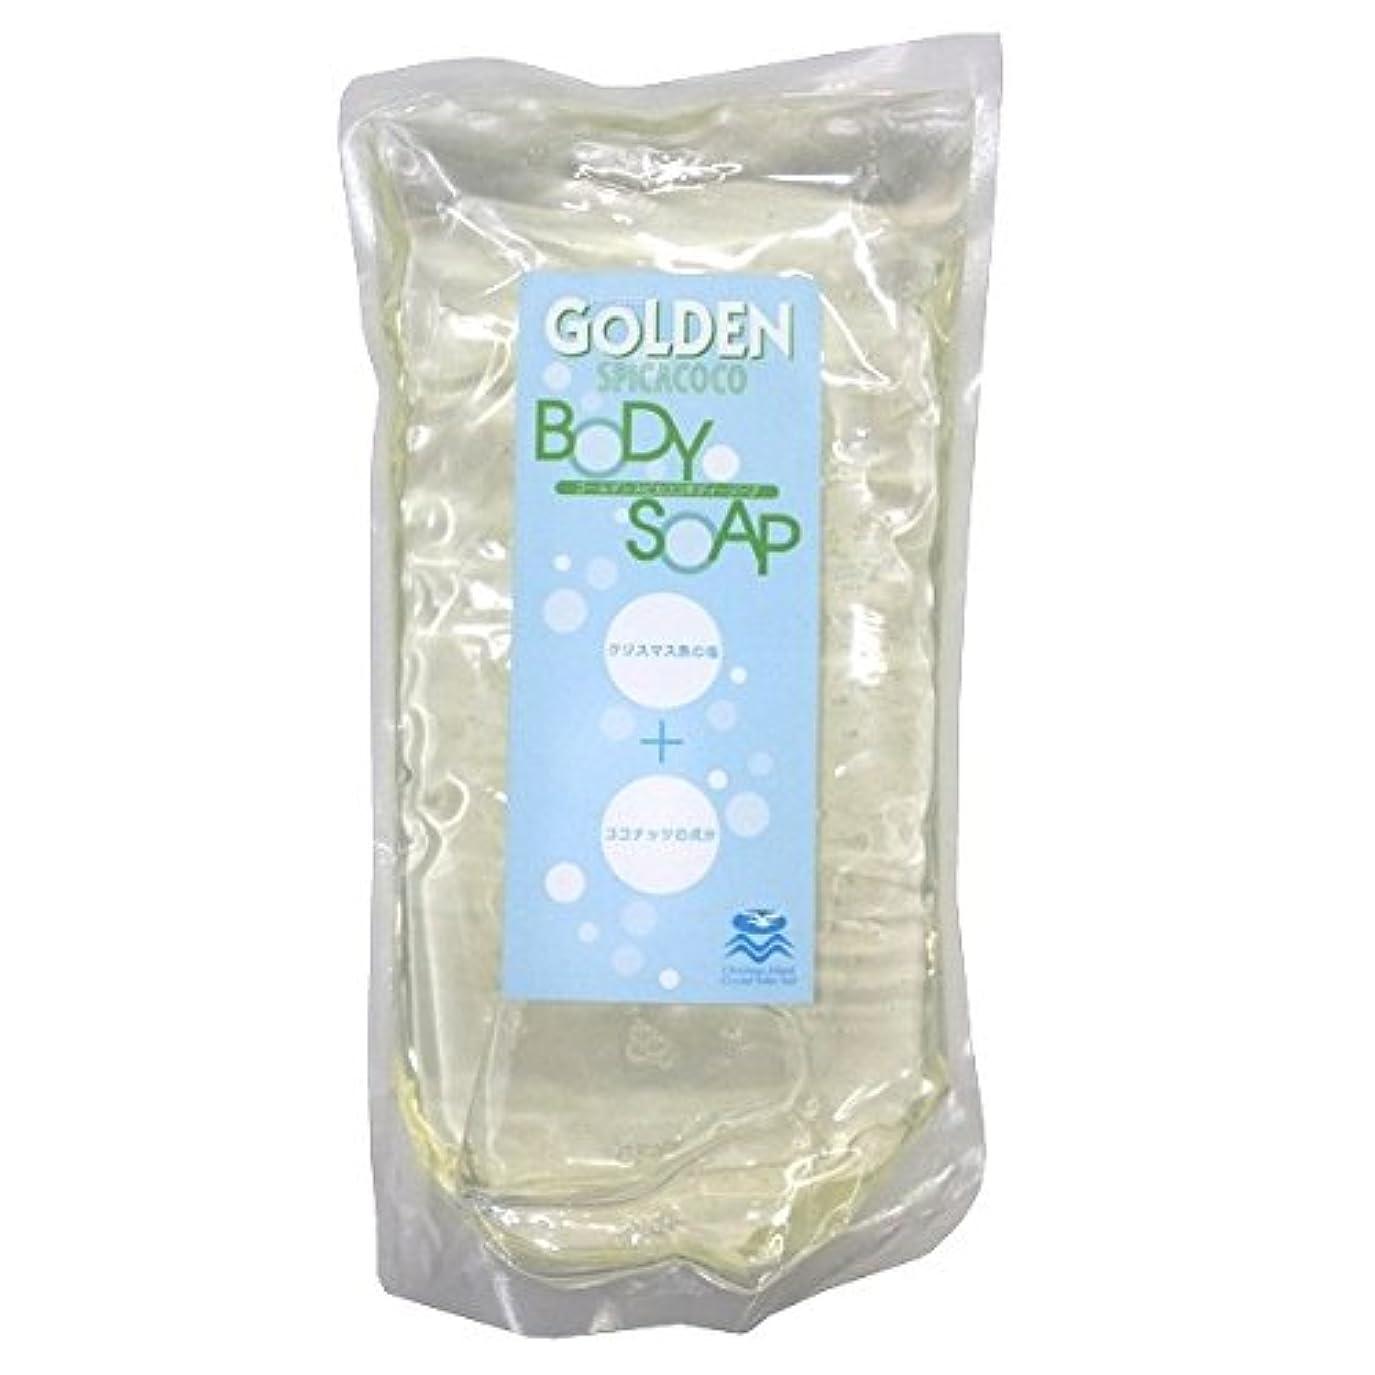 服を洗うアナニバー私たちのものゴールデンスピカココ ボディーソープ 詰替用 600ml